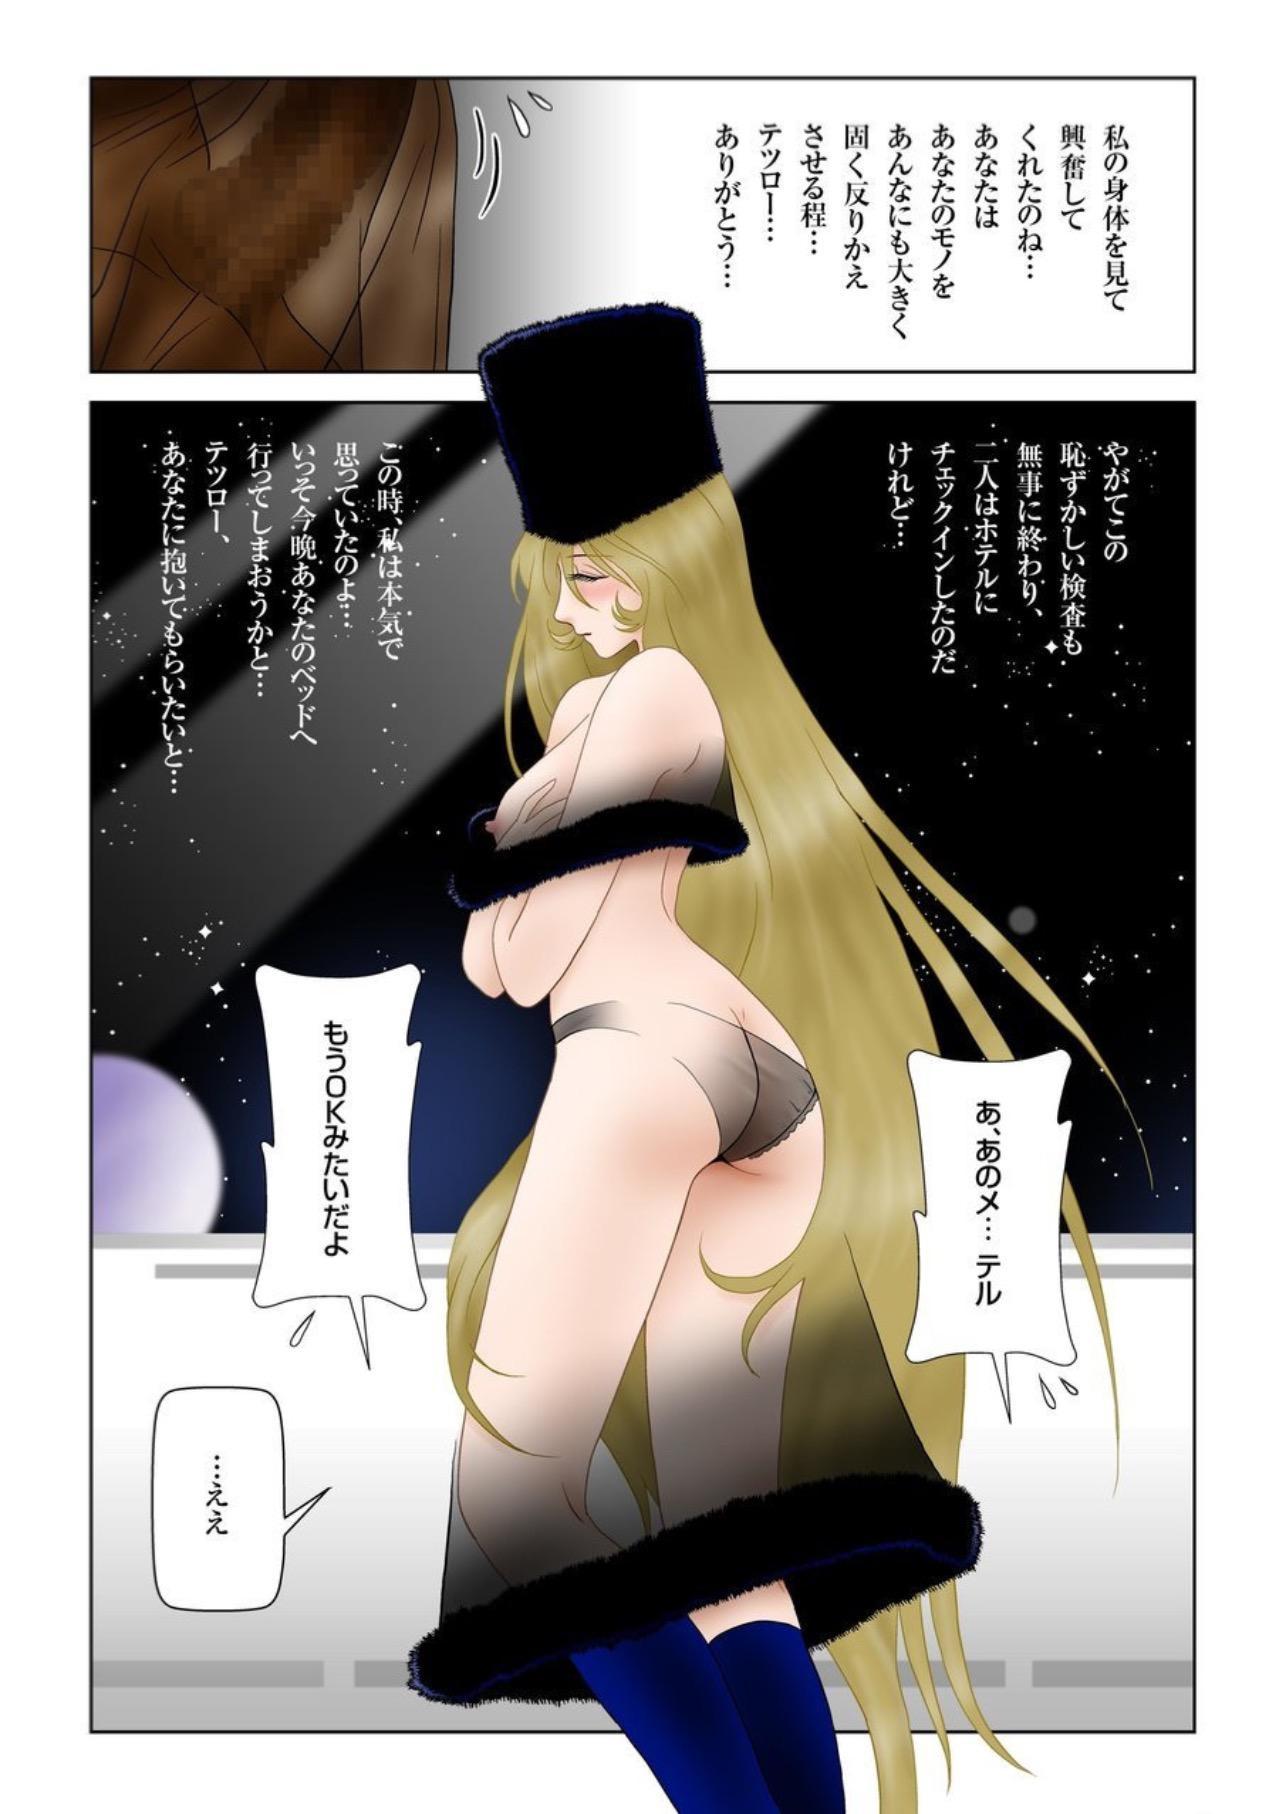 Ginga no Tabi 999-nichime no Yoru 7